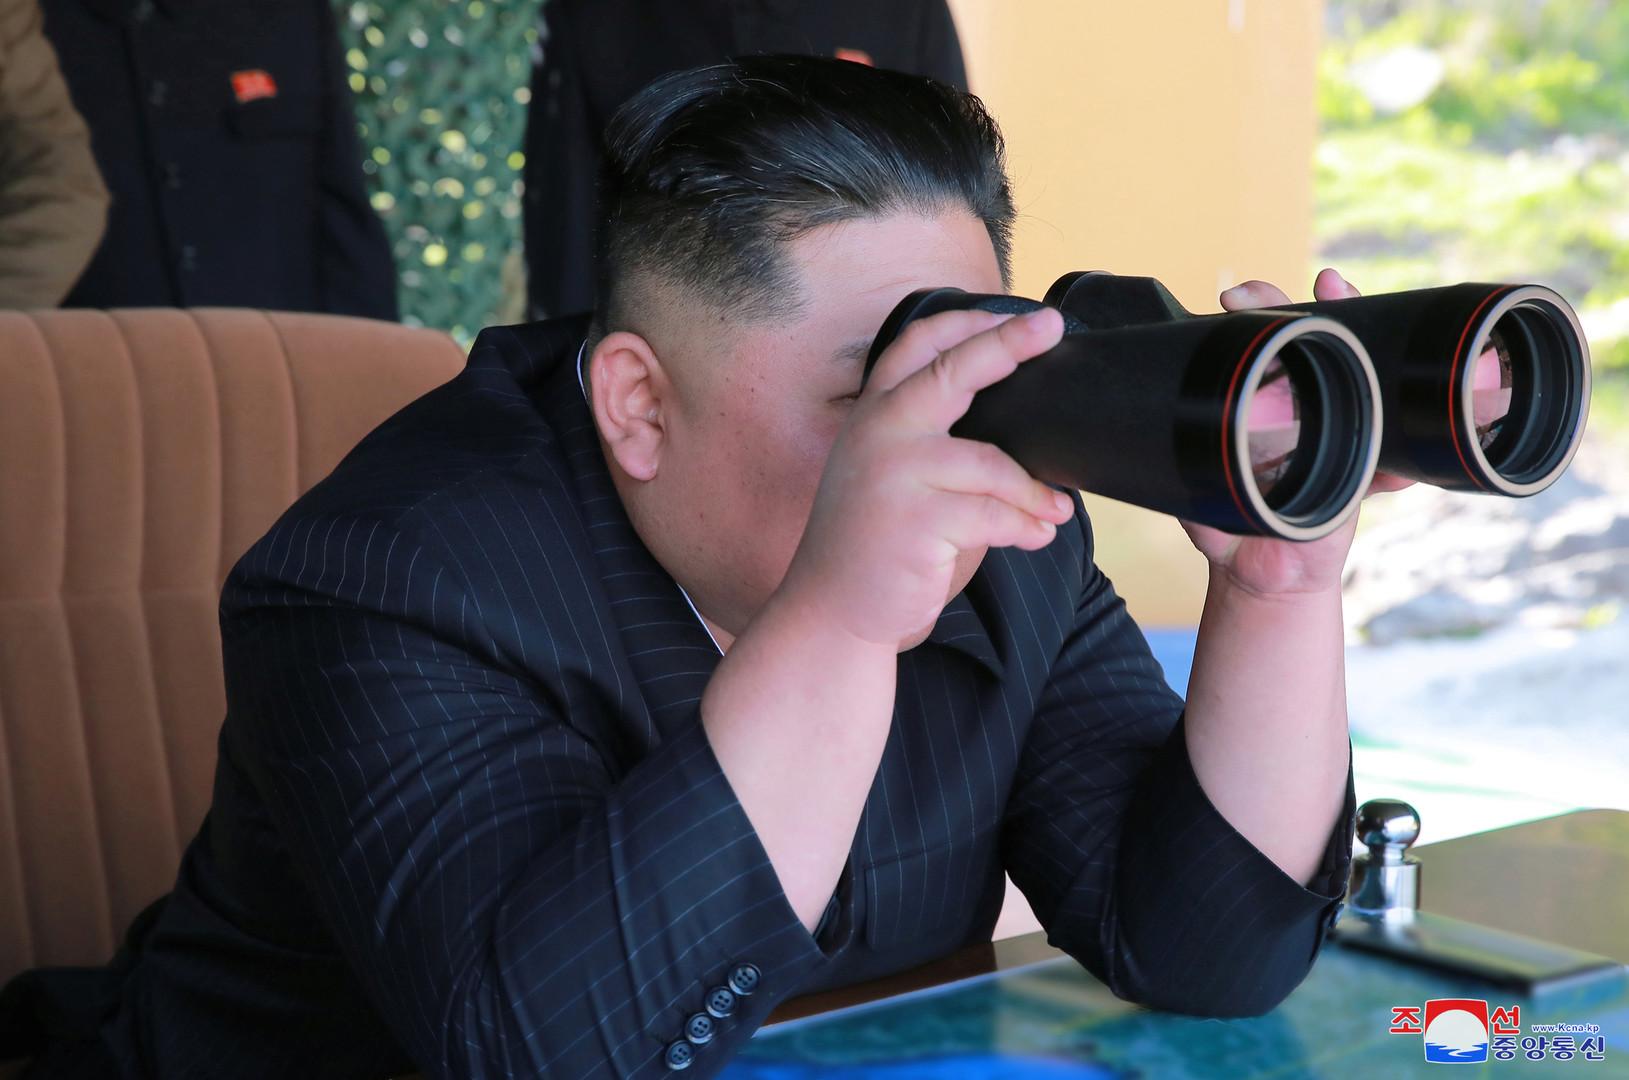 شاهد.. كيم يشرف على مناورات الجيش الكوري الشمالي